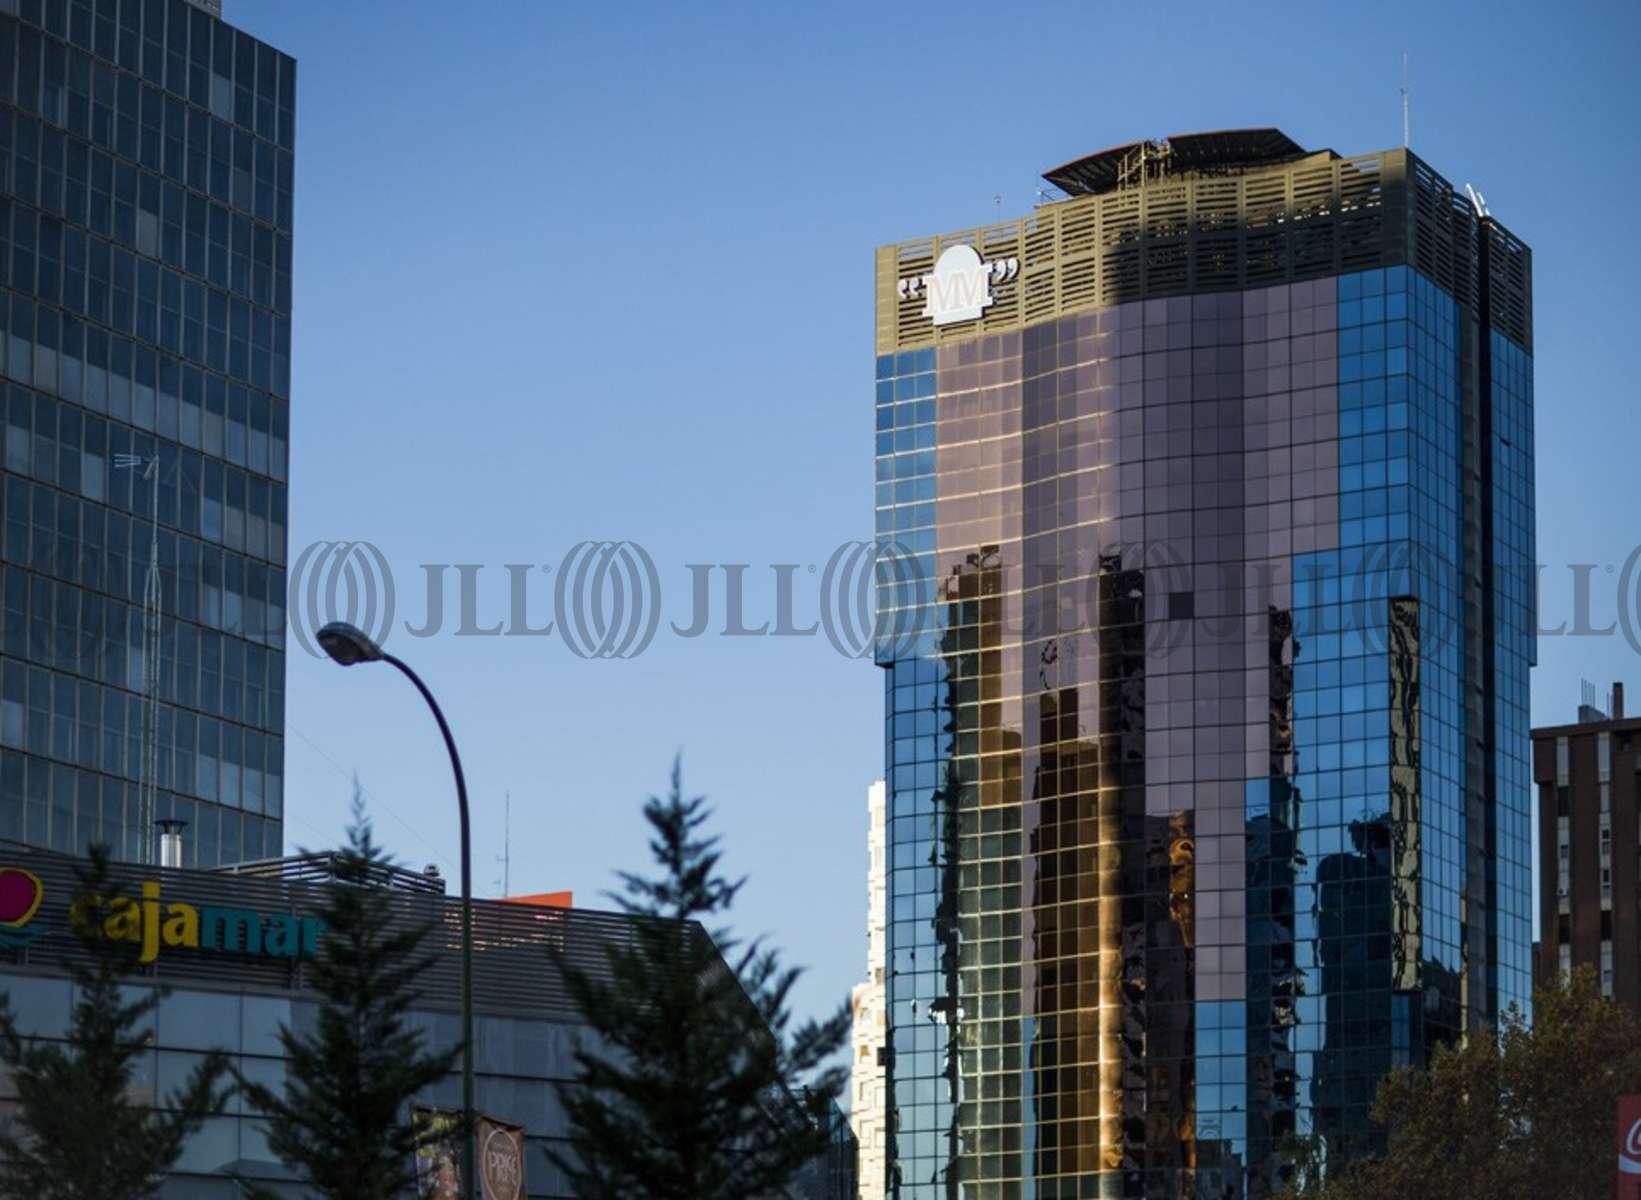 alquiler de oficinas en alfredo mahou madrid madrid jll